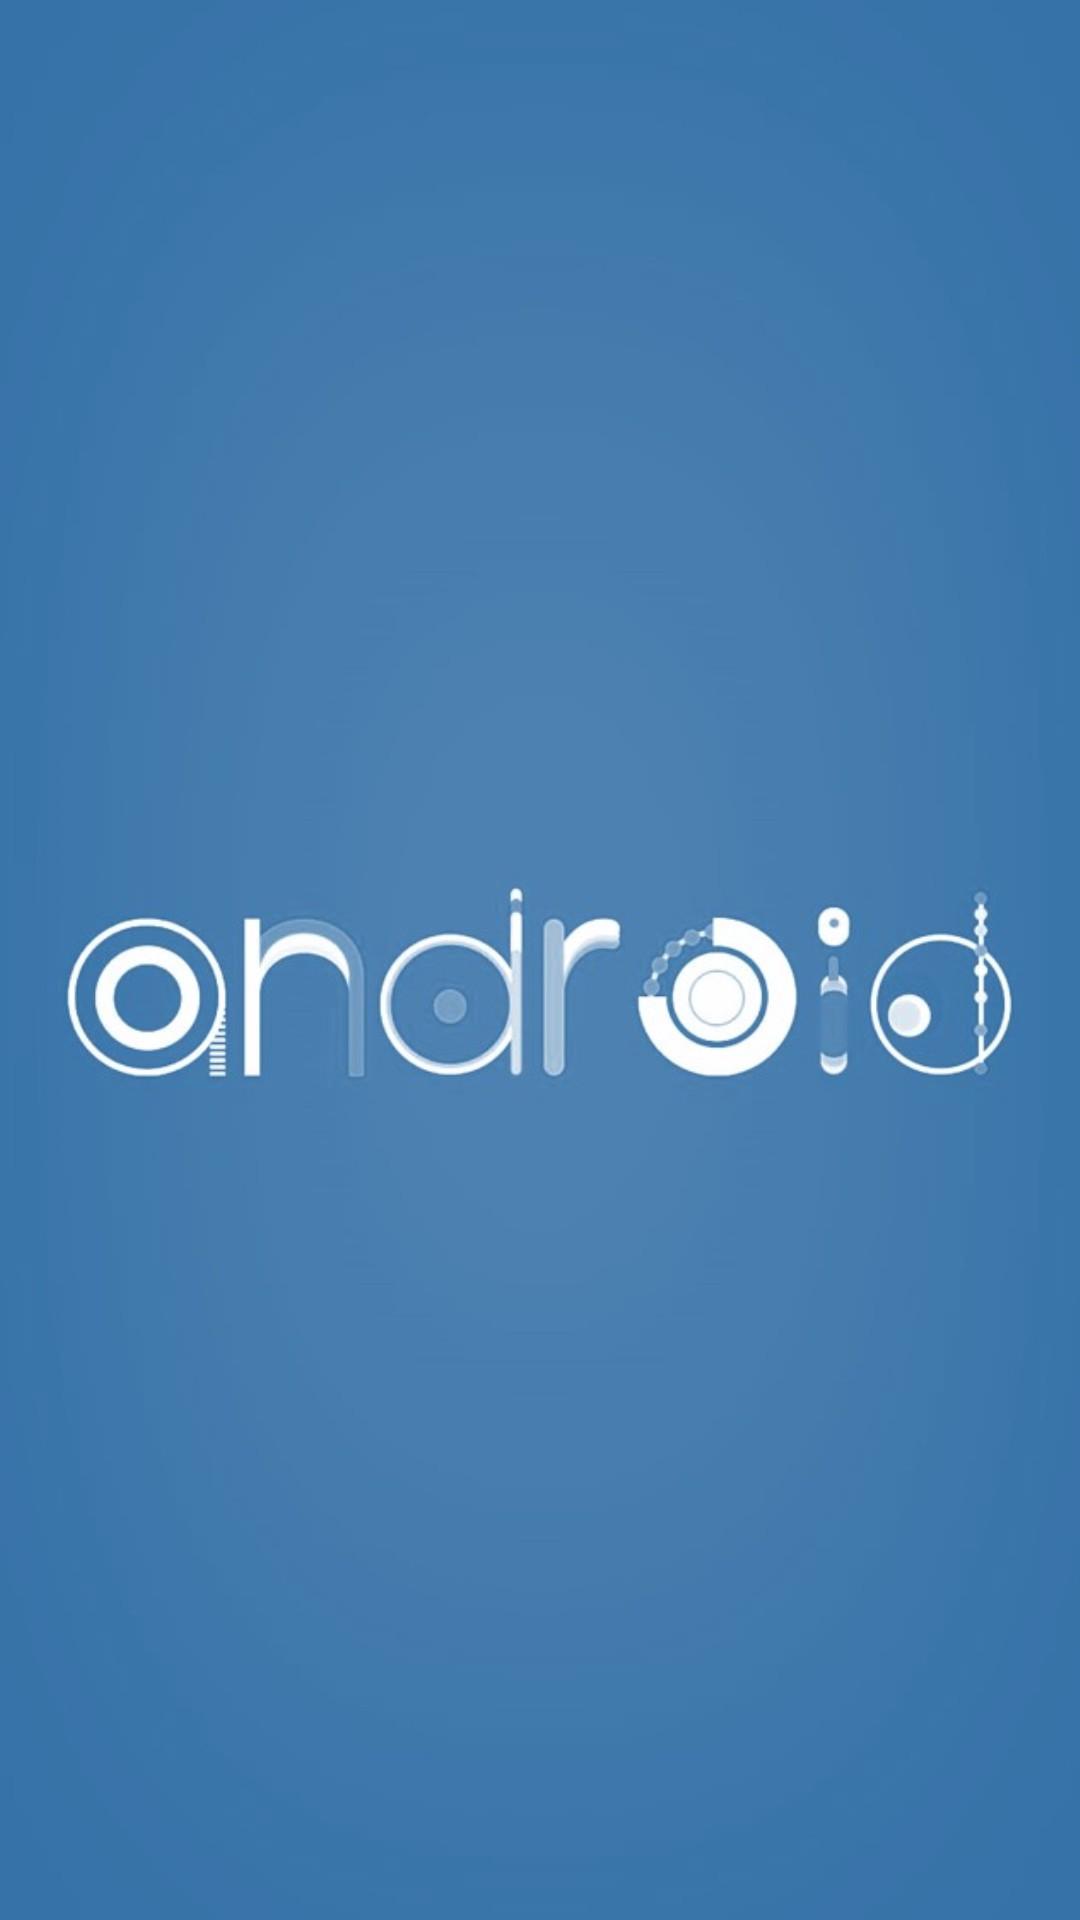 안드로이드 로고 심플 디자인 배경화면 4종 (1).jpg